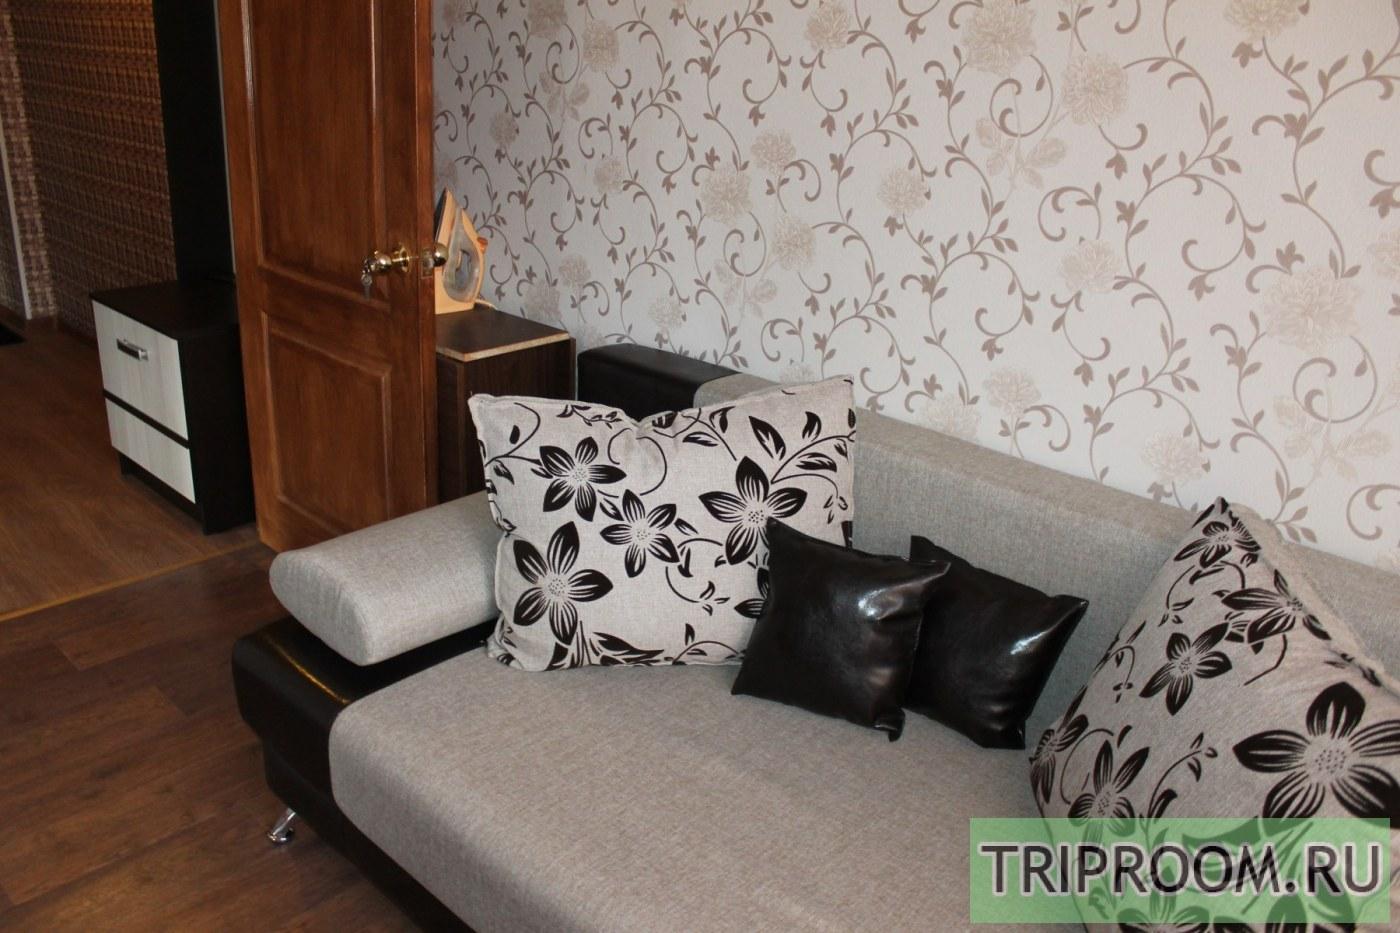 2-комнатная квартира посуточно (вариант № 40137), ул. Новоузенская улица, фото № 9